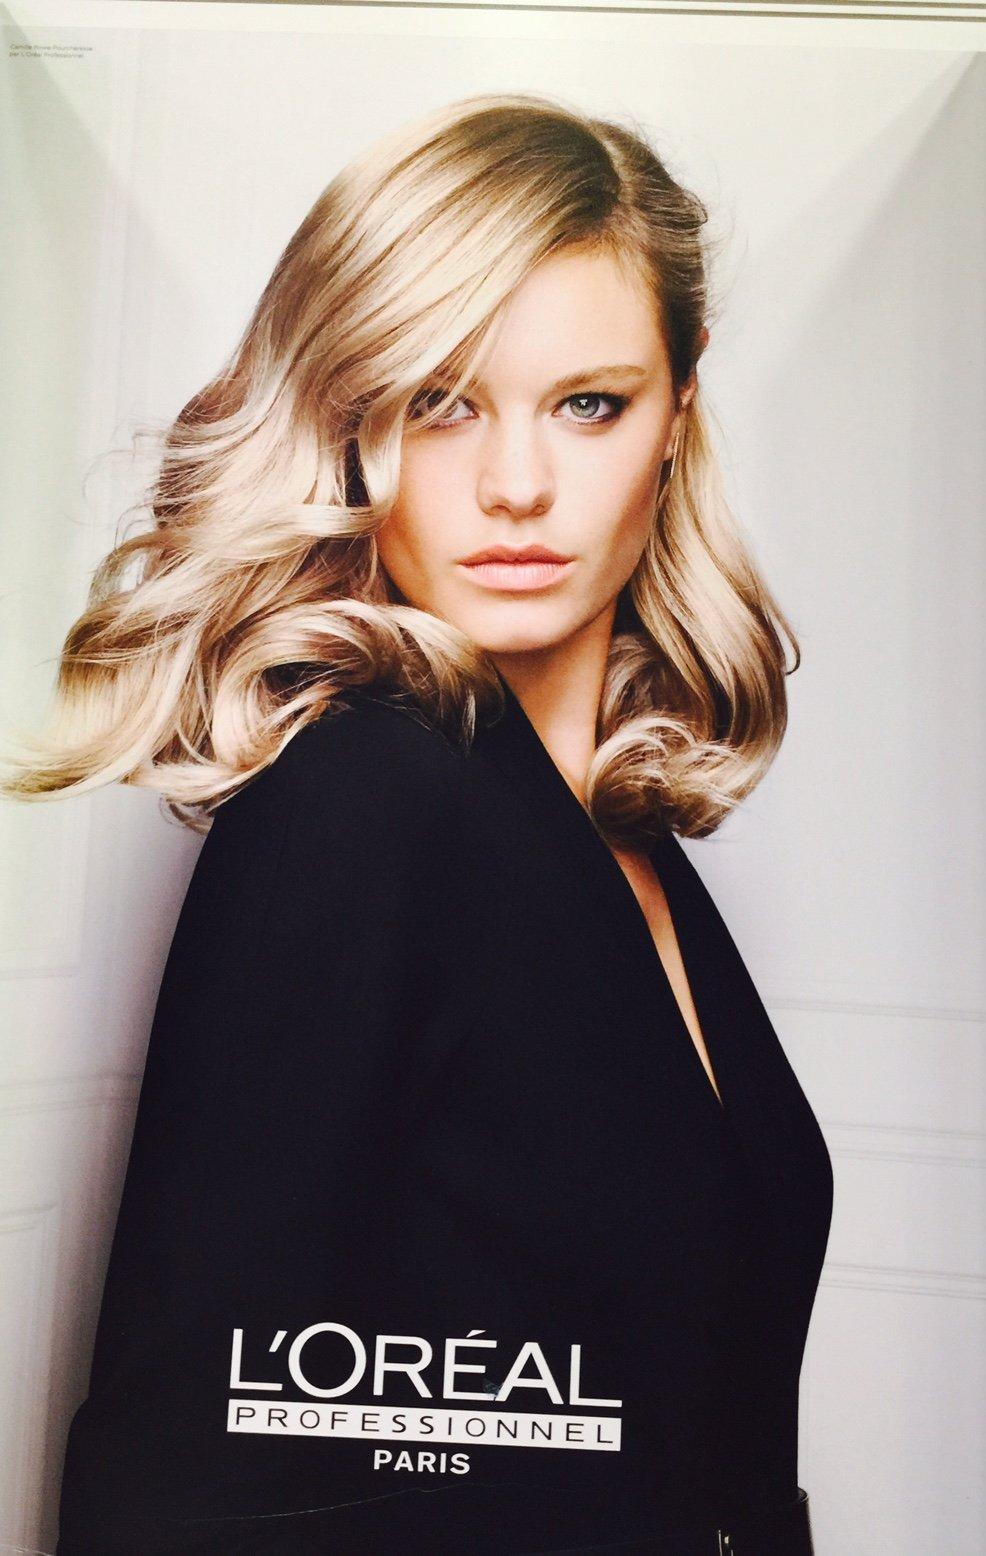 Foto di una modella con i capelli biondi